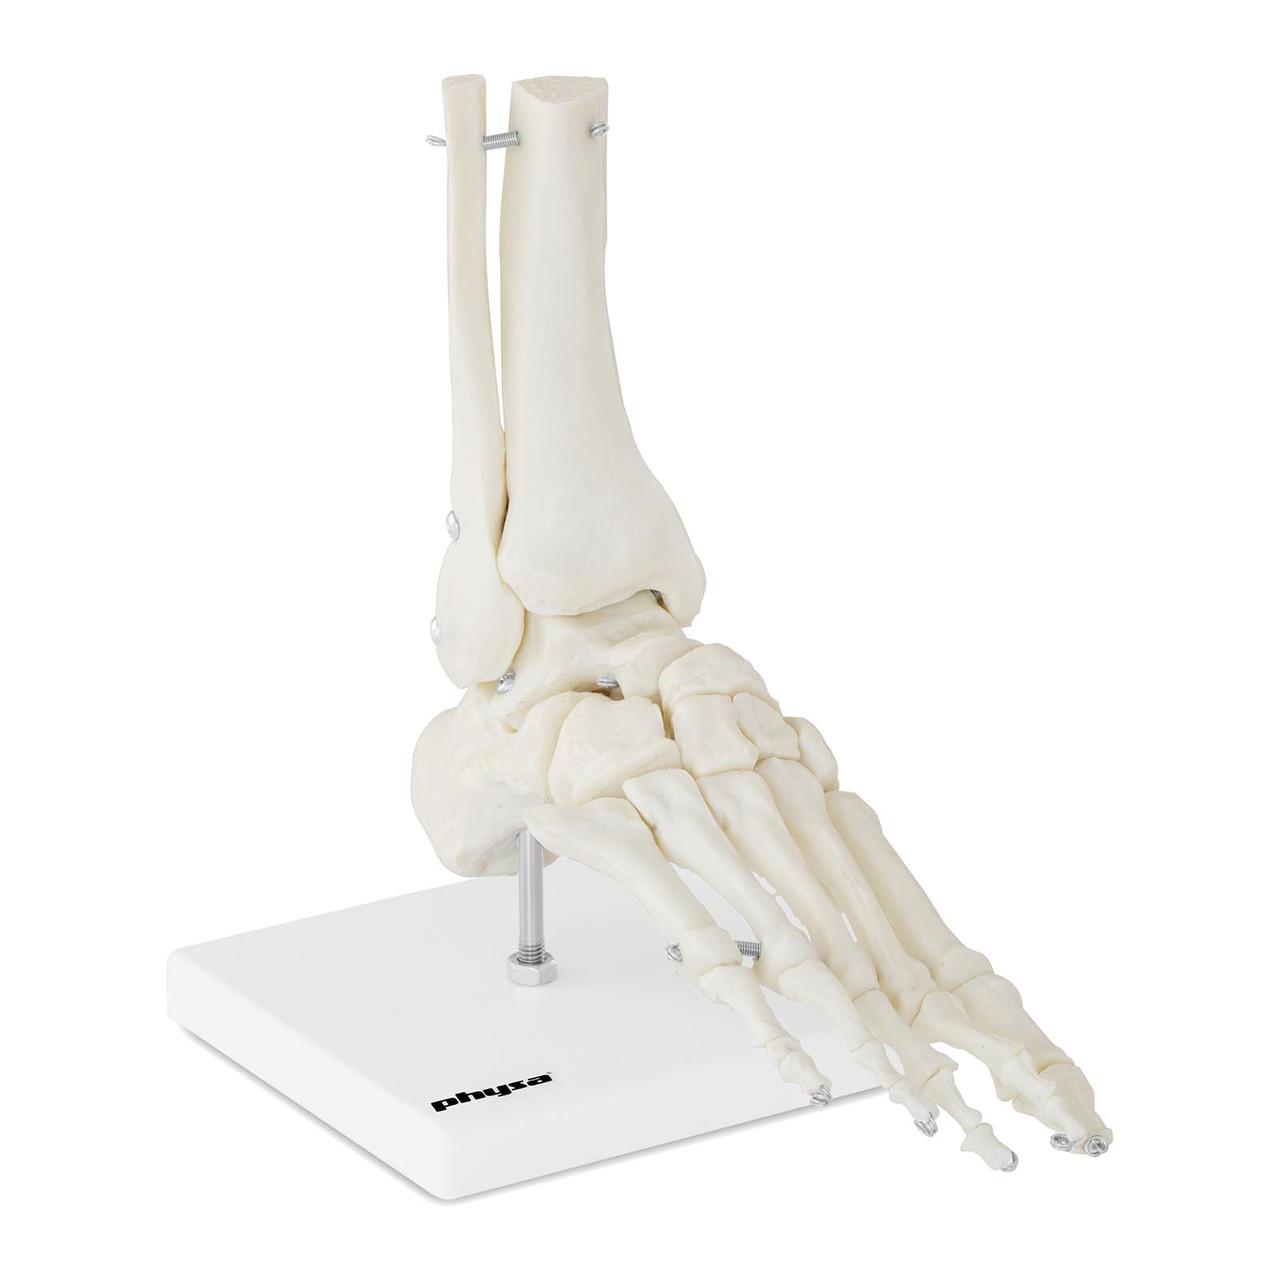 Голеностопный сустав - анатомическая модель Physa